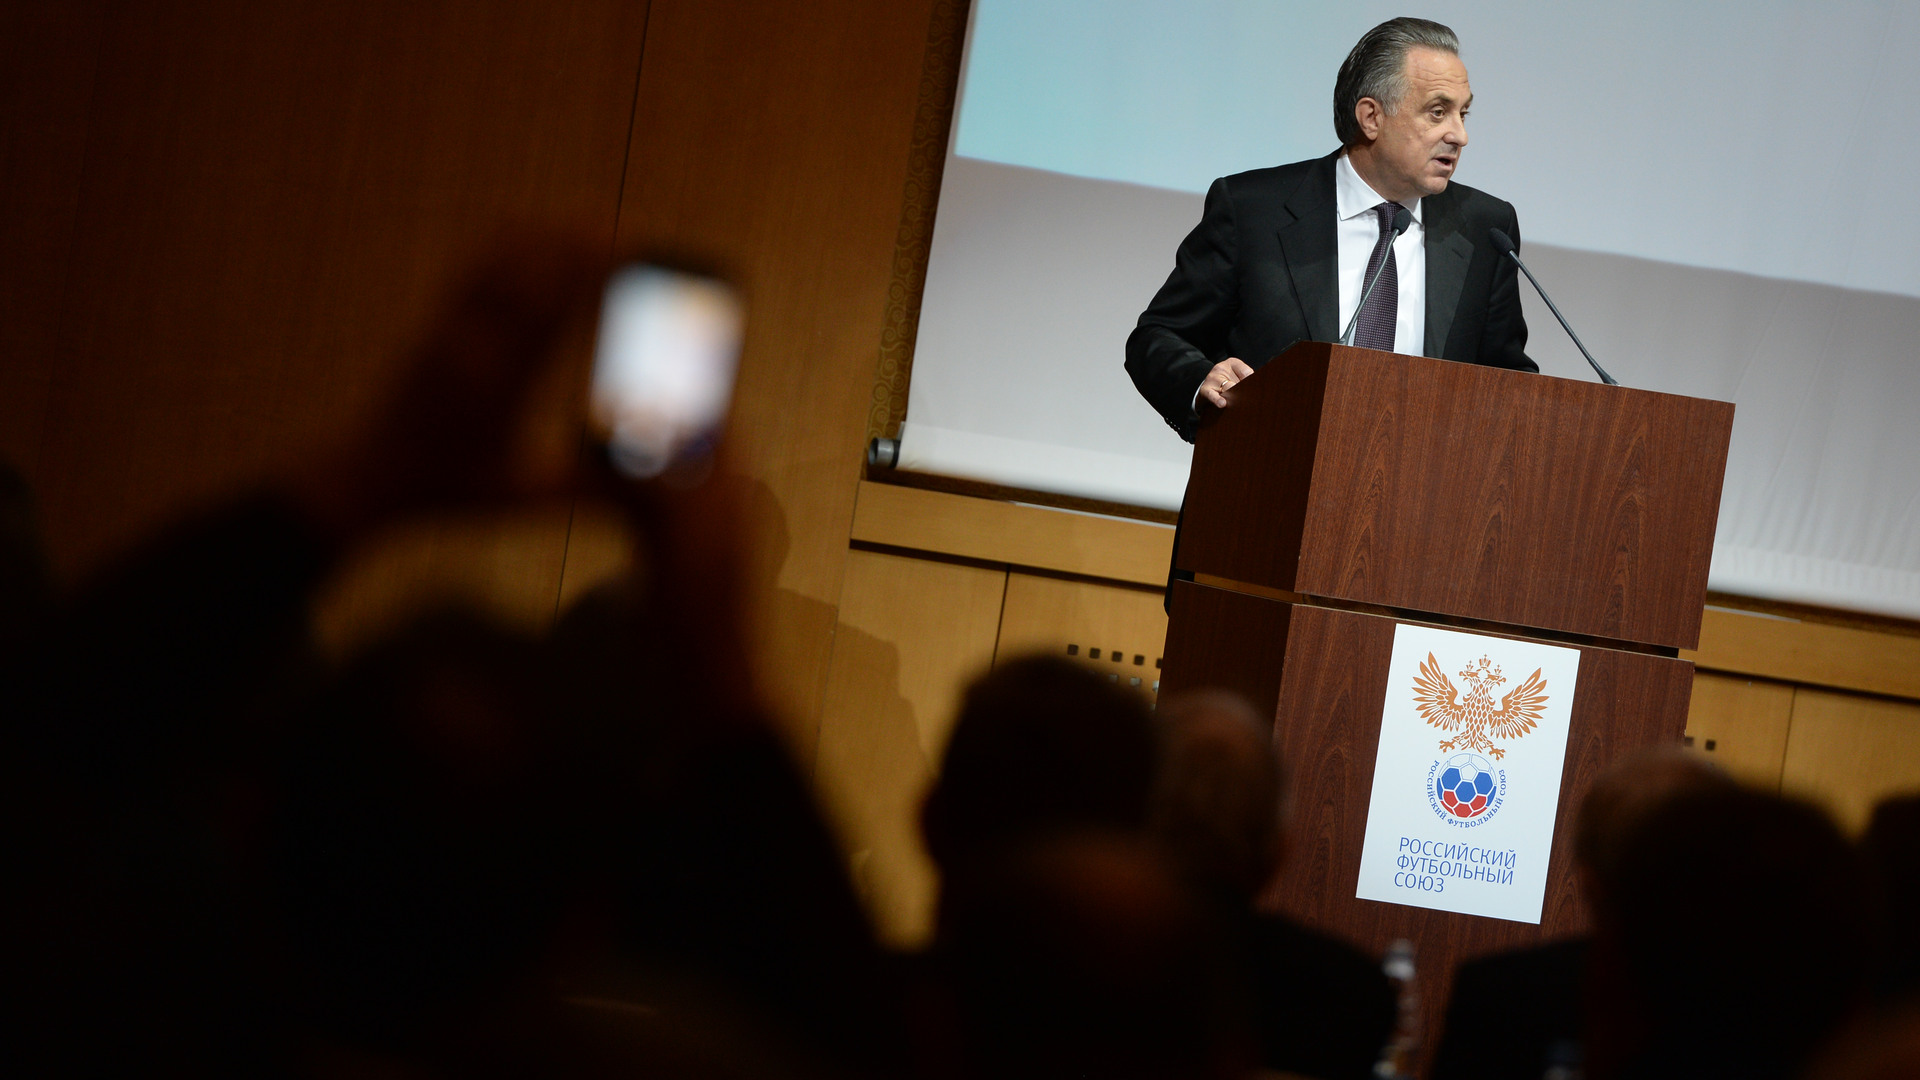 В российском футболе без перемен: Мутко сохранил пост президента РФС